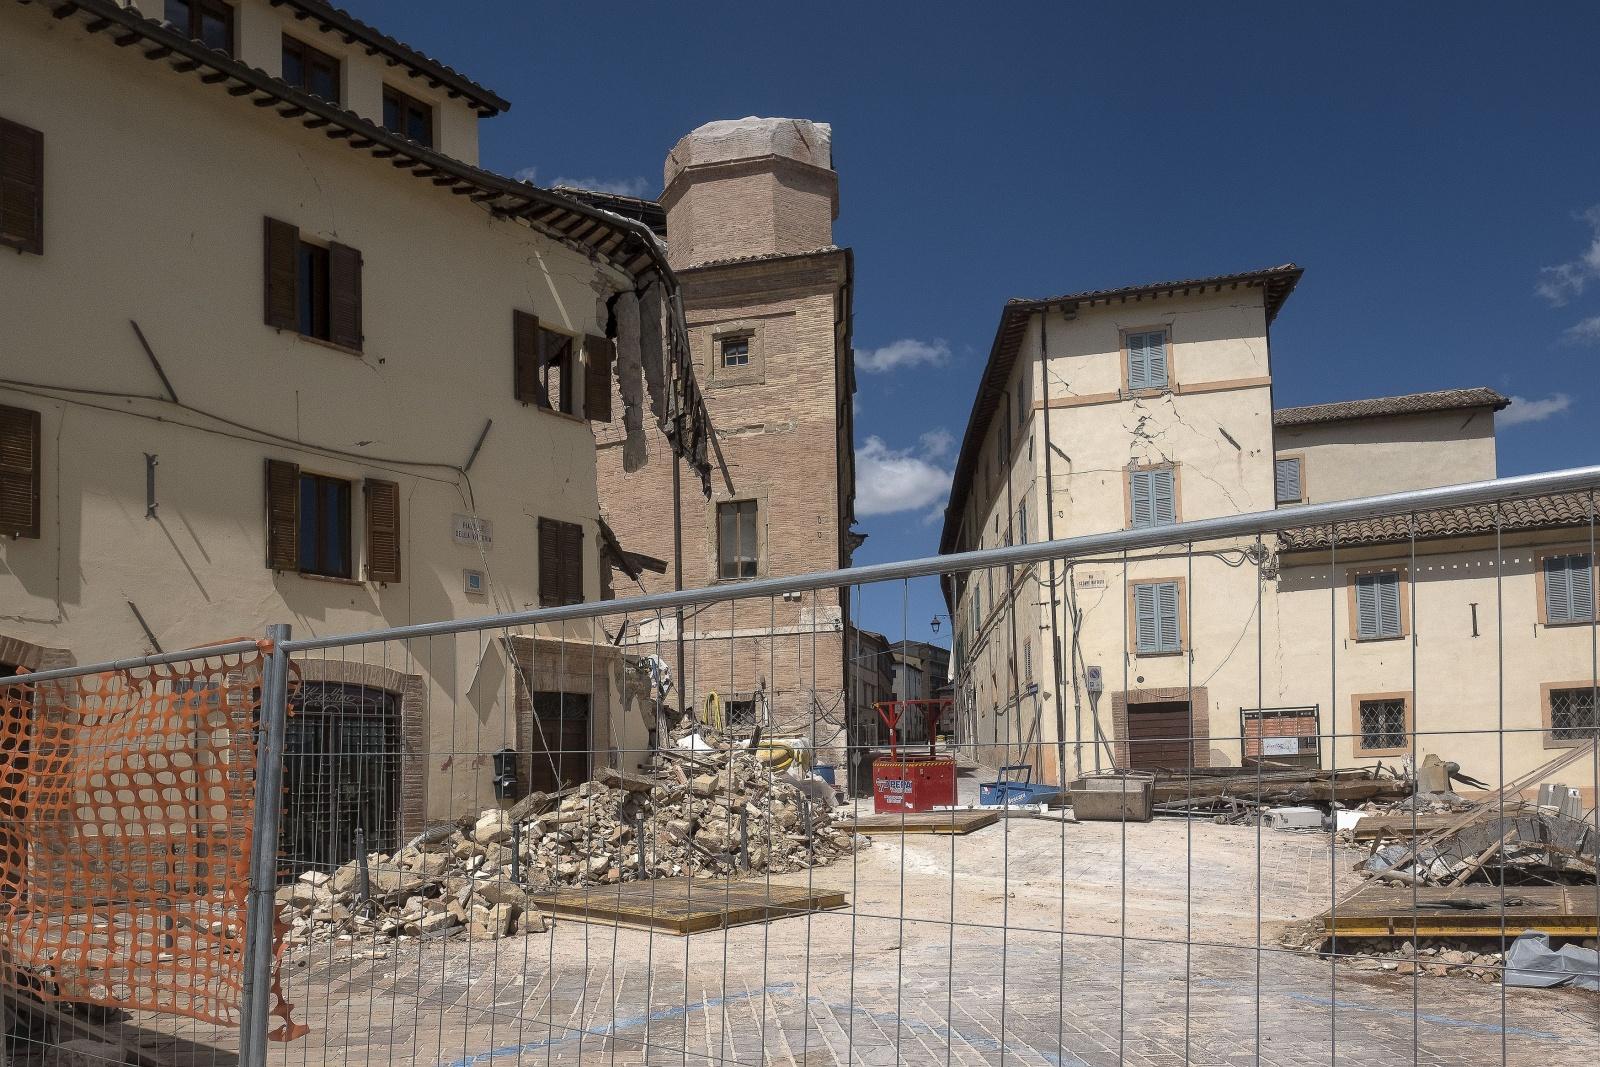 Camerino città universitaria delle Marche colpita dal terremoto il 26 ottobre del 2016